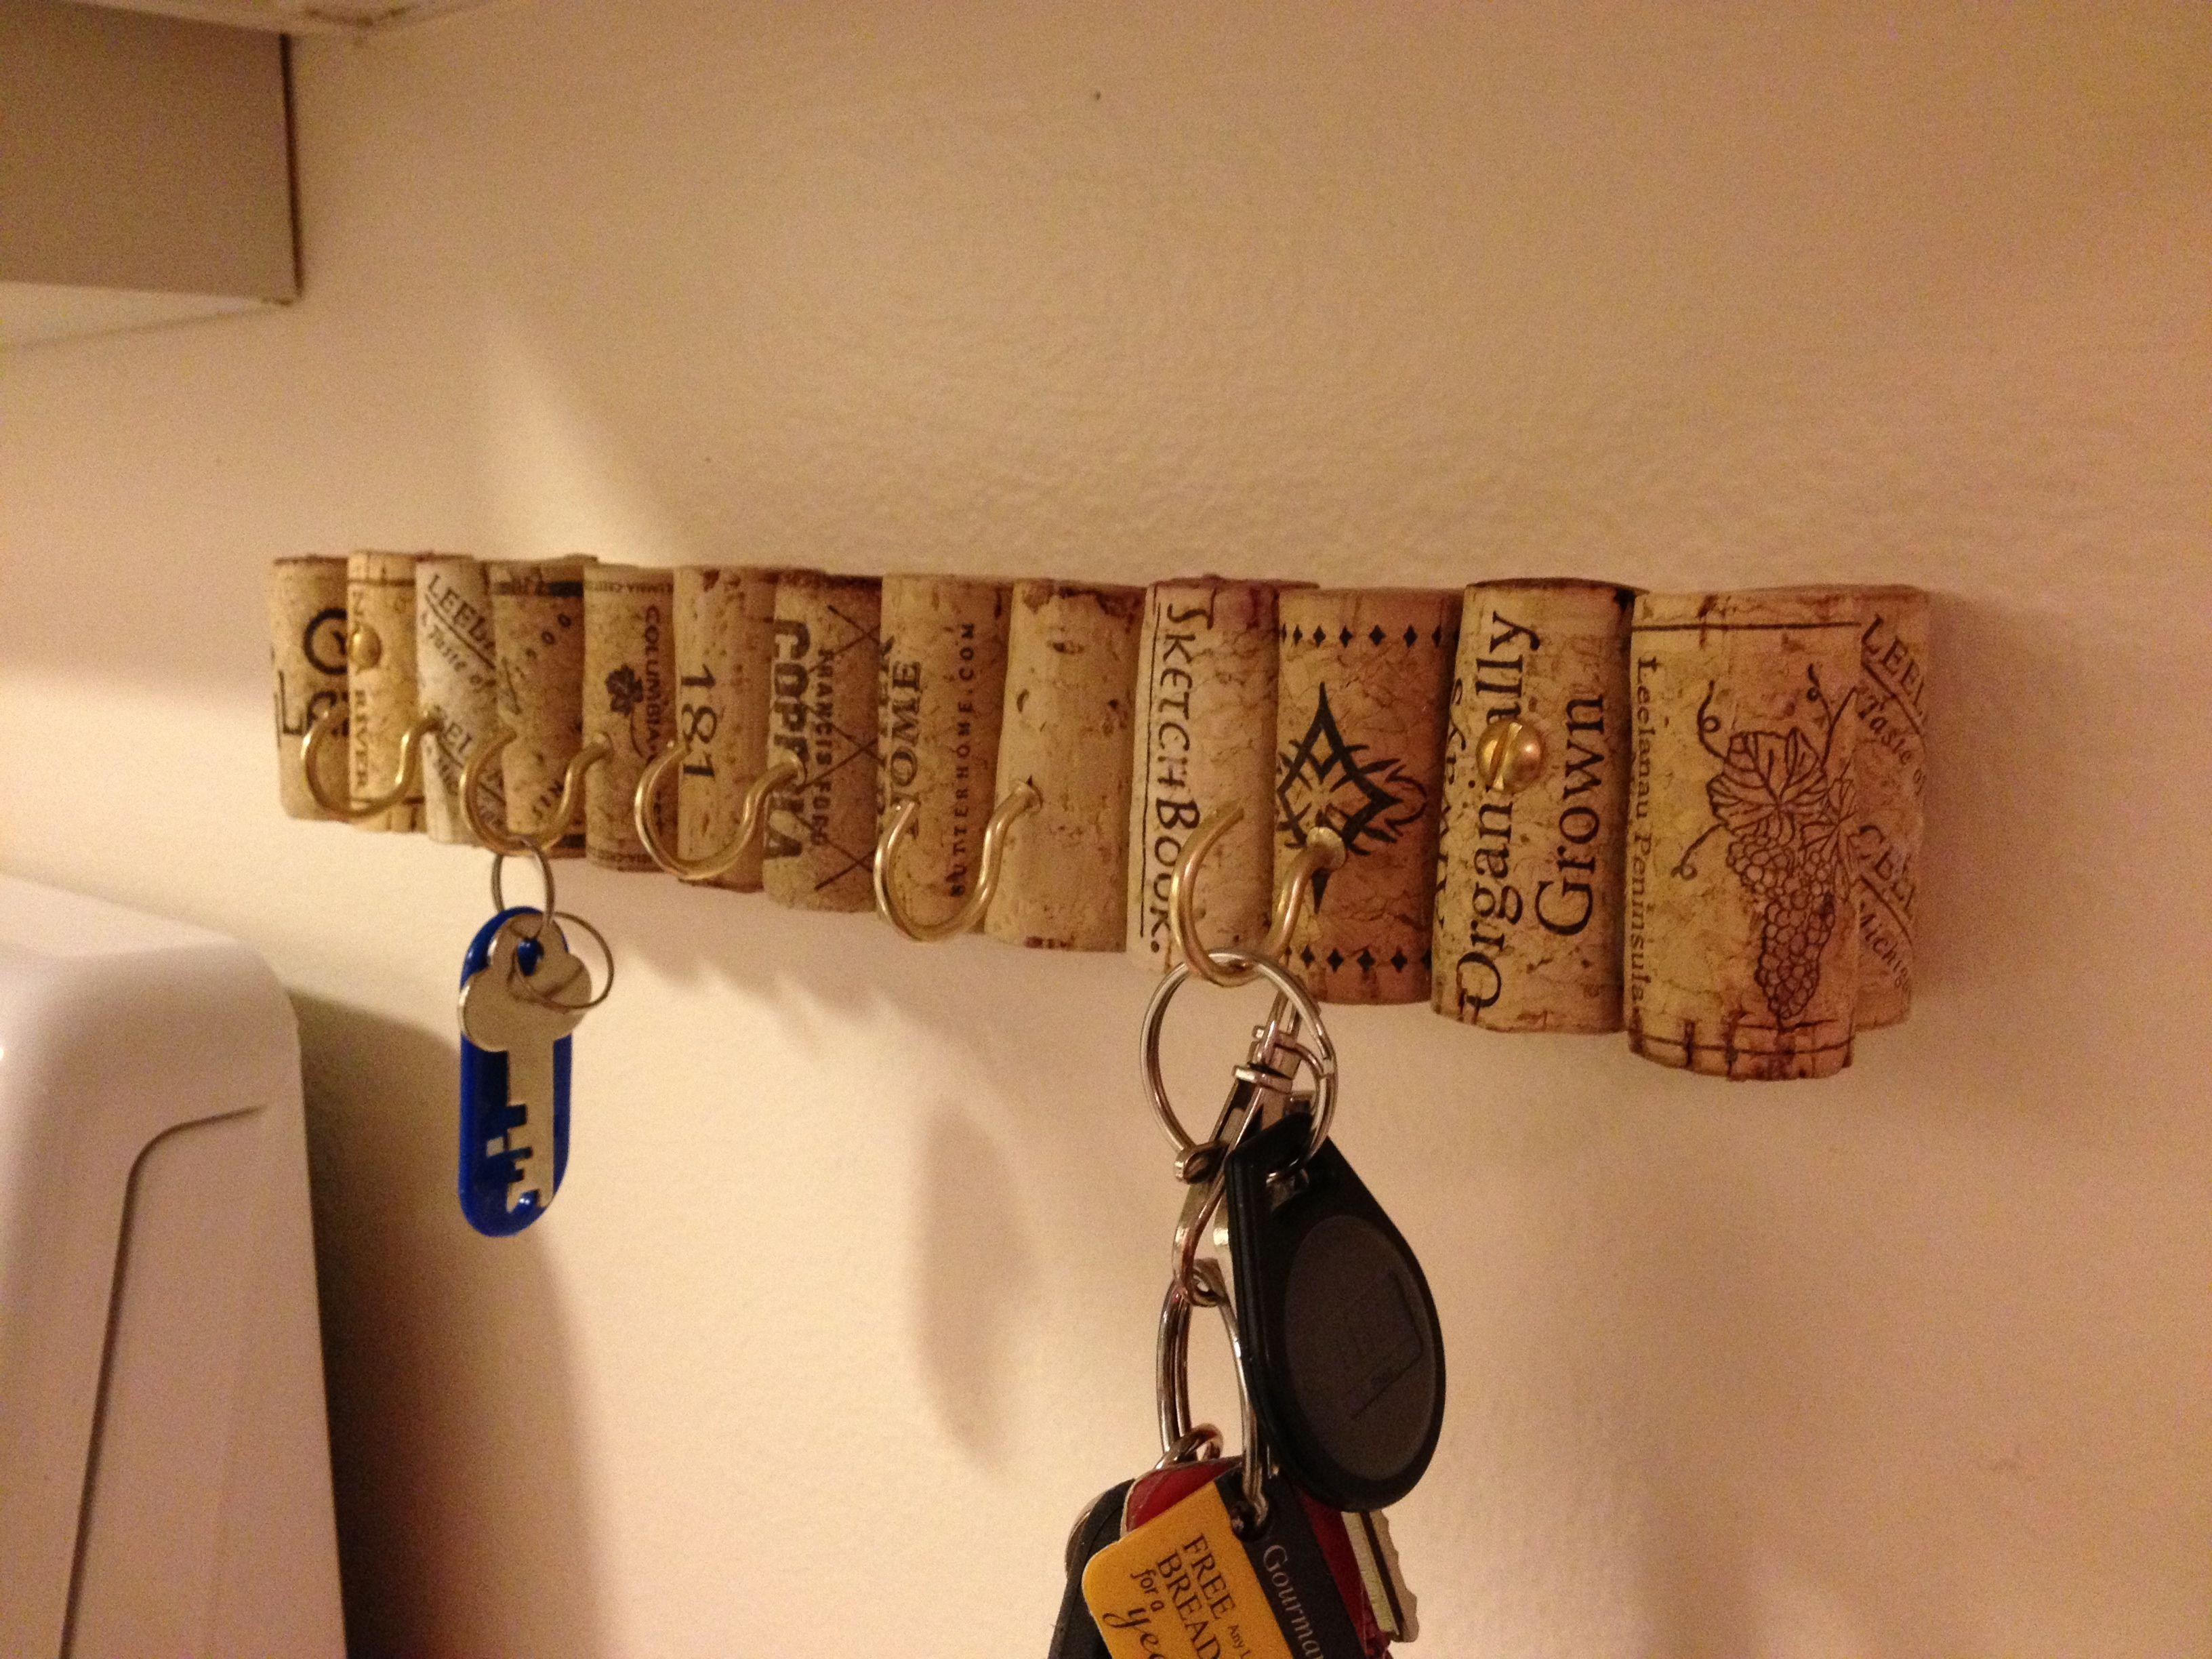 DIY Key Rack  DIY recycled corks key rack